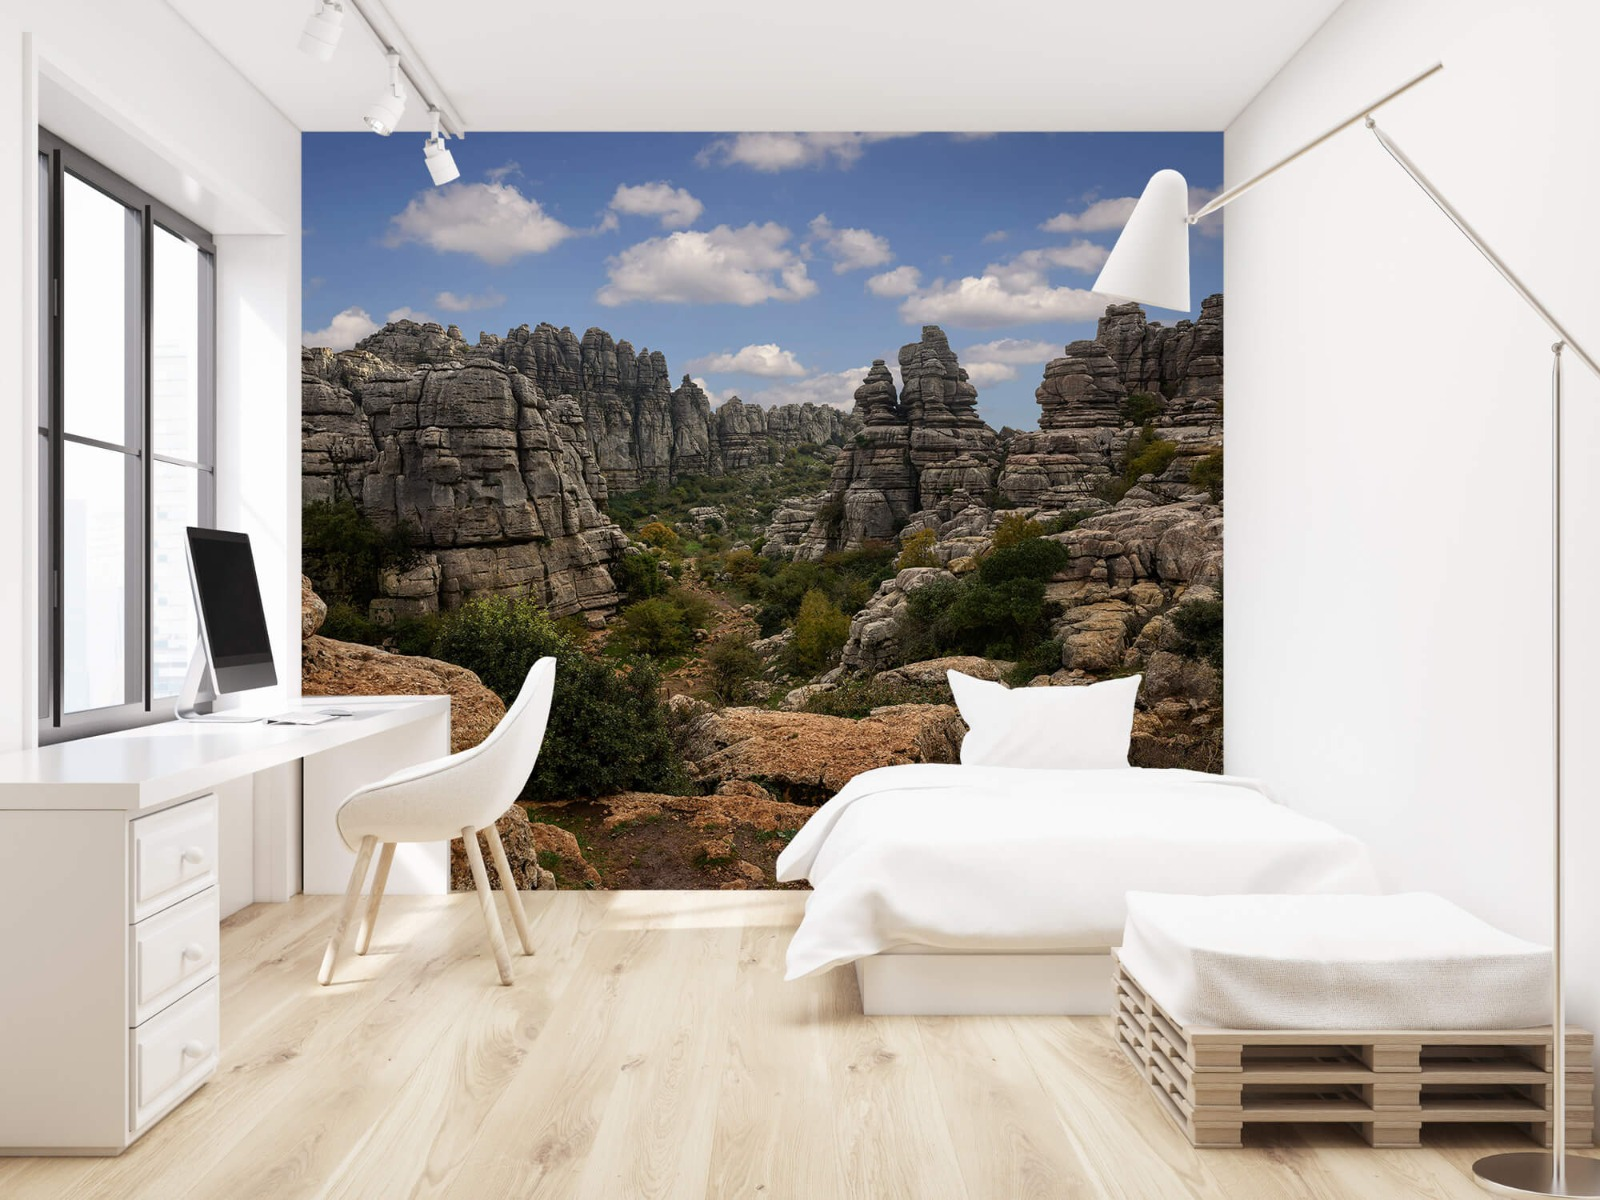 Bergen - Rotsen met blauwe lucht - Slaapkamer 22